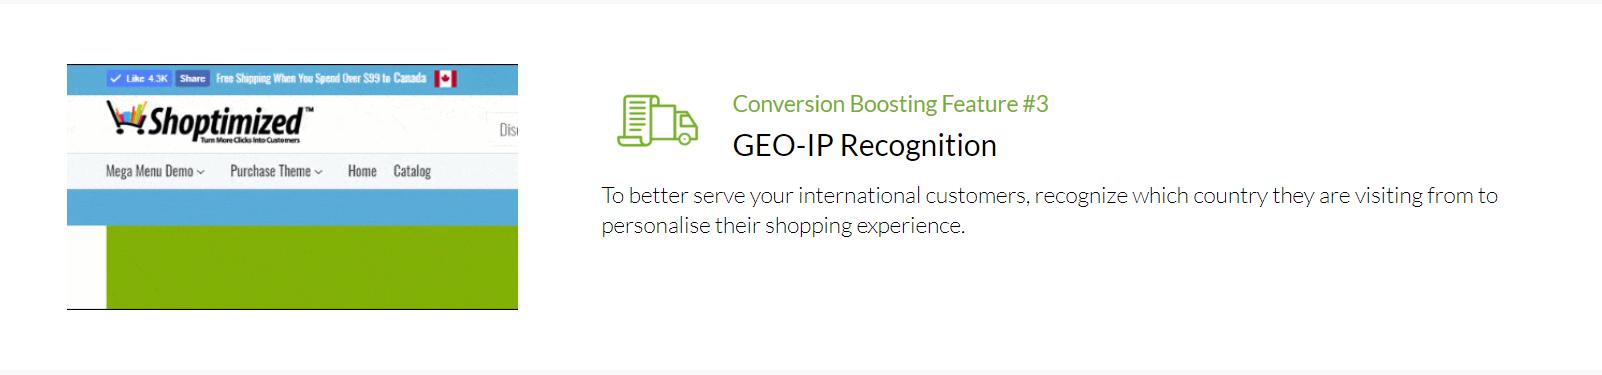 Shoptimized - GEO